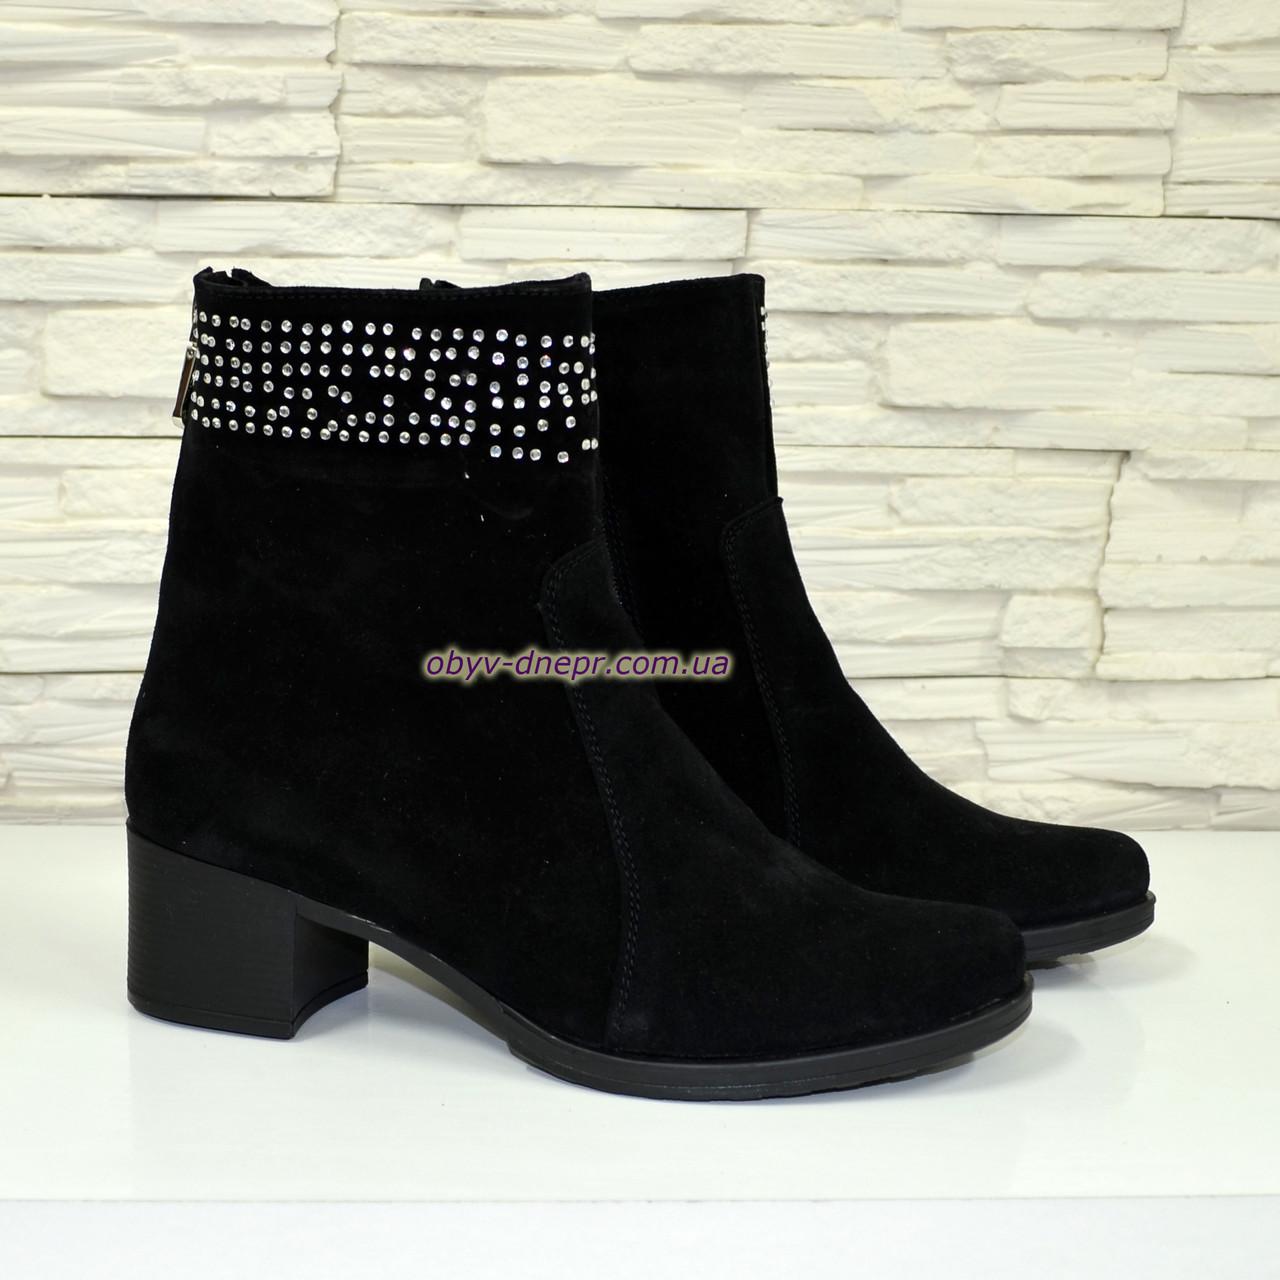 Ботинки замшевые демисезонные на невысоком каблуке, декорированы накаткой камней